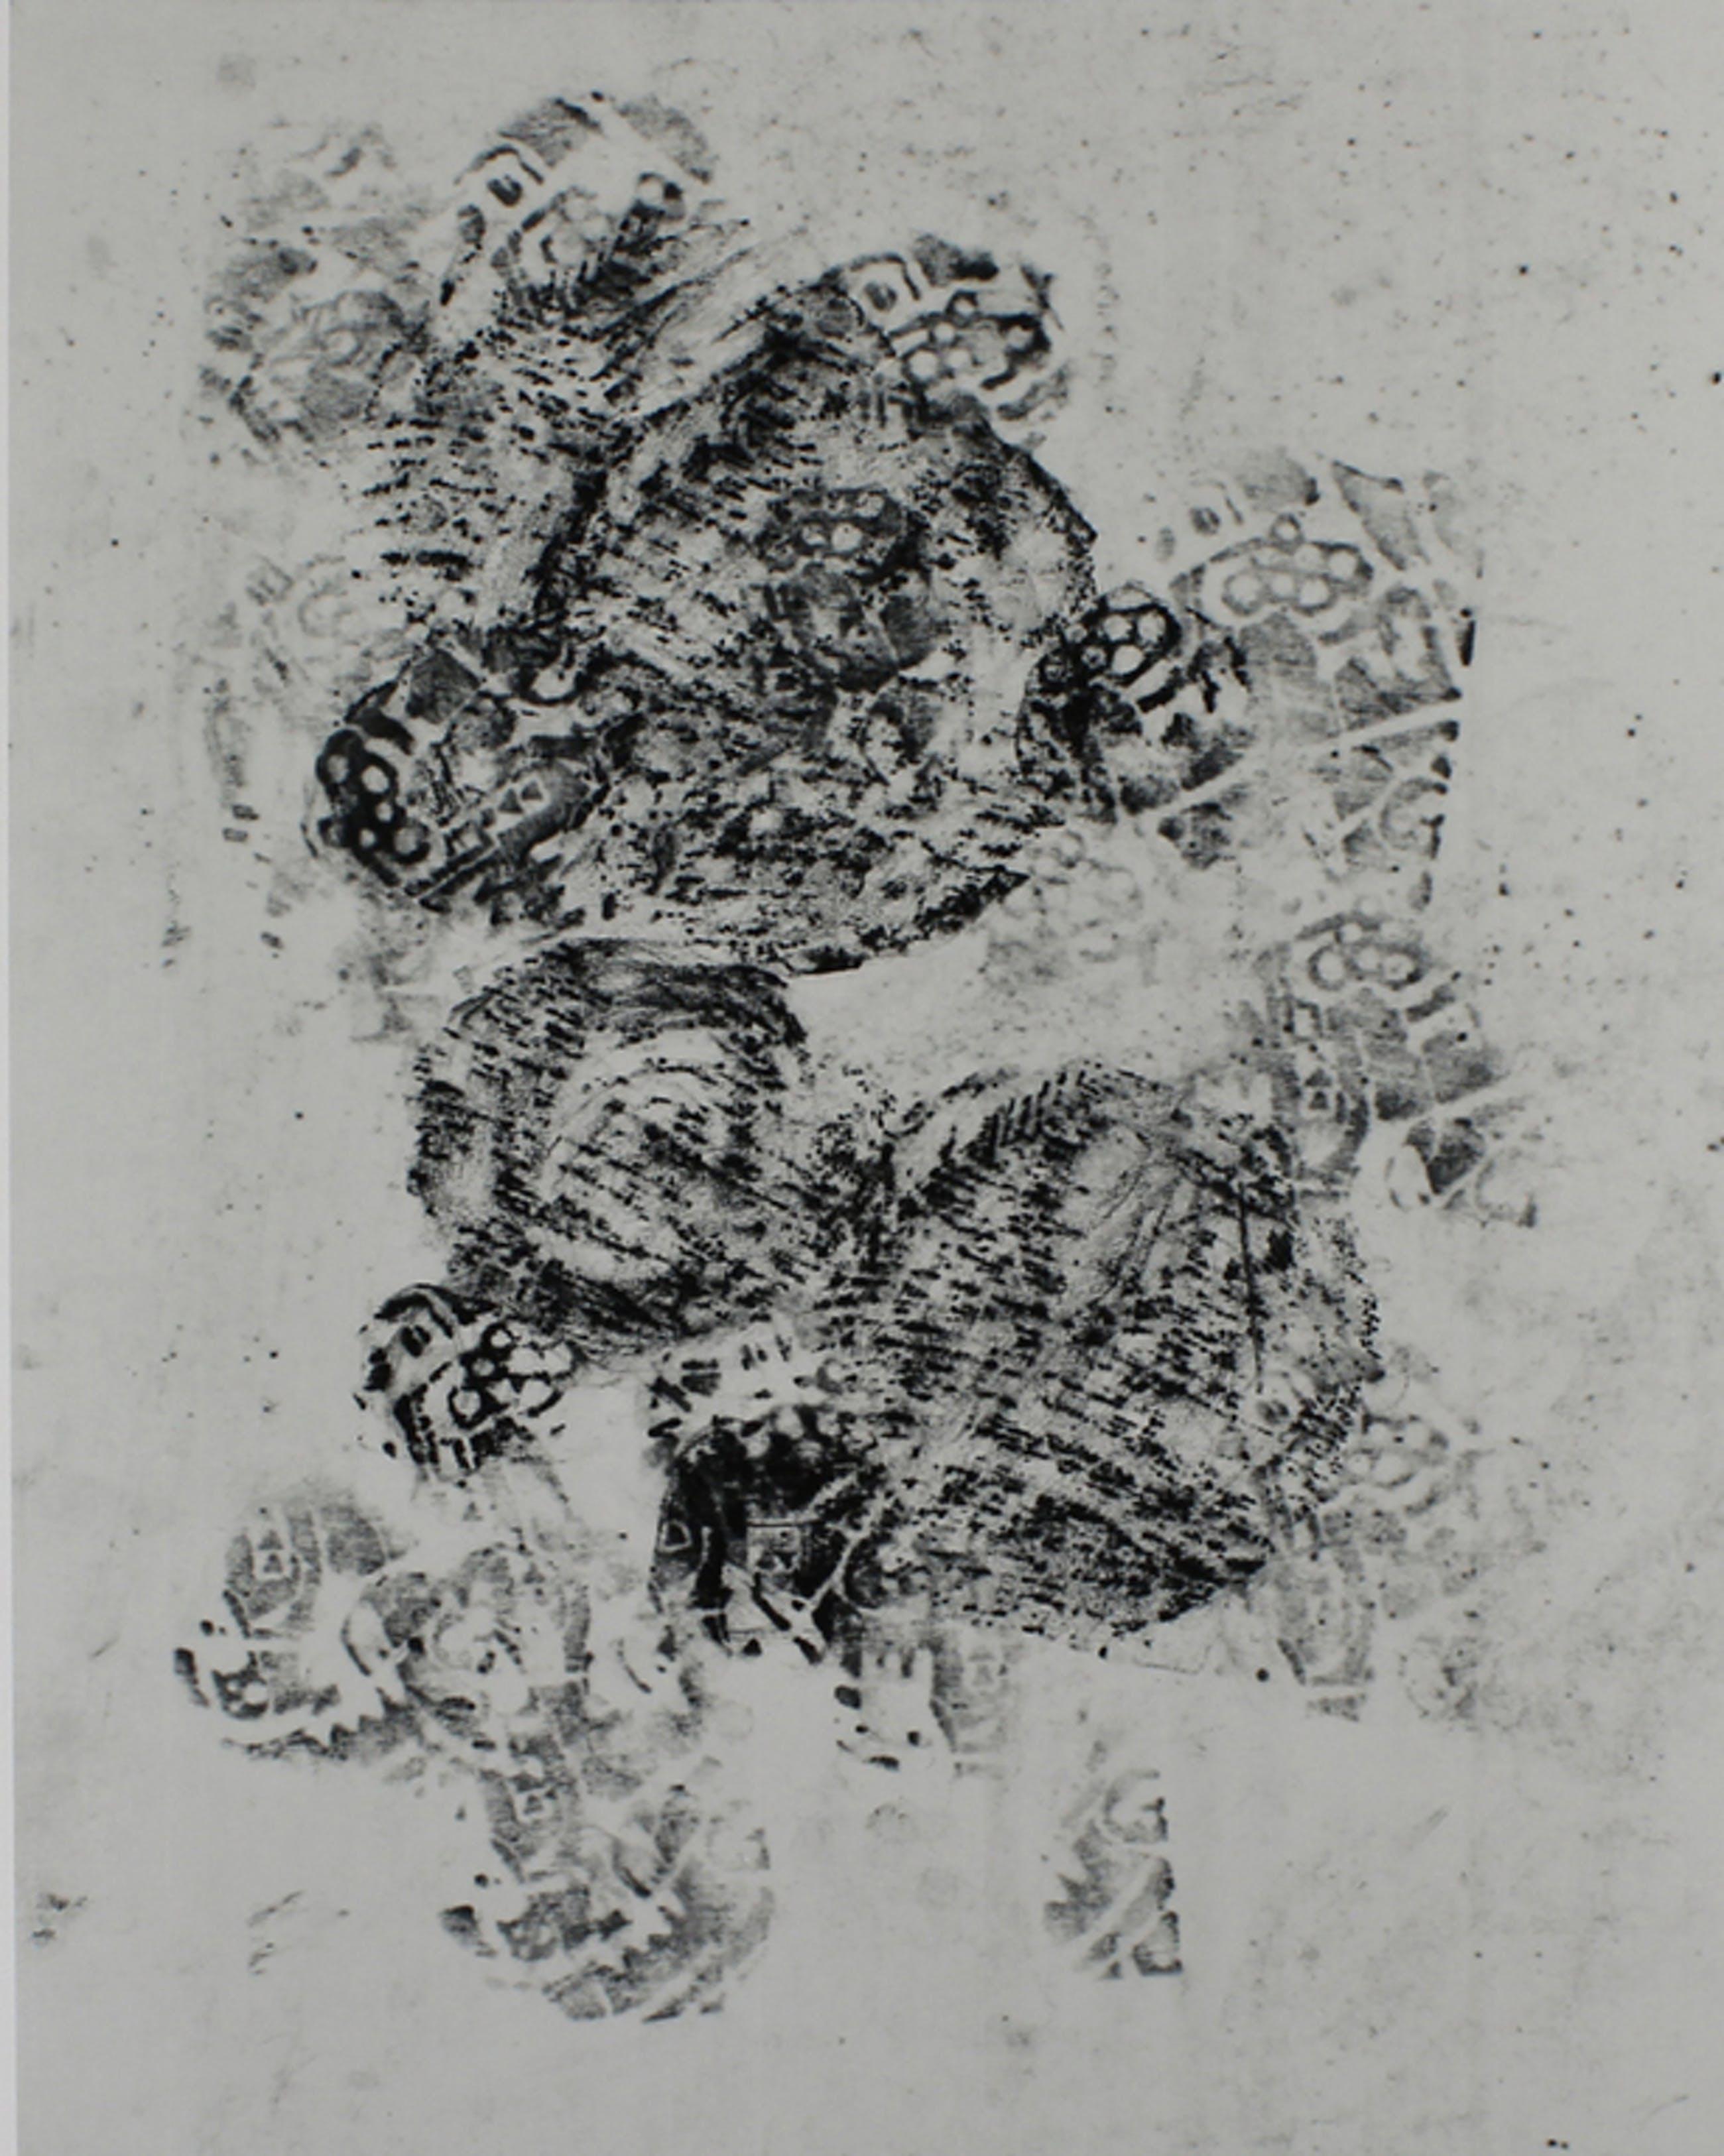 Adochi. - Komposition I - Pigmentdruk op katoenpapier. 2016. kopen? Bied vanaf 37!